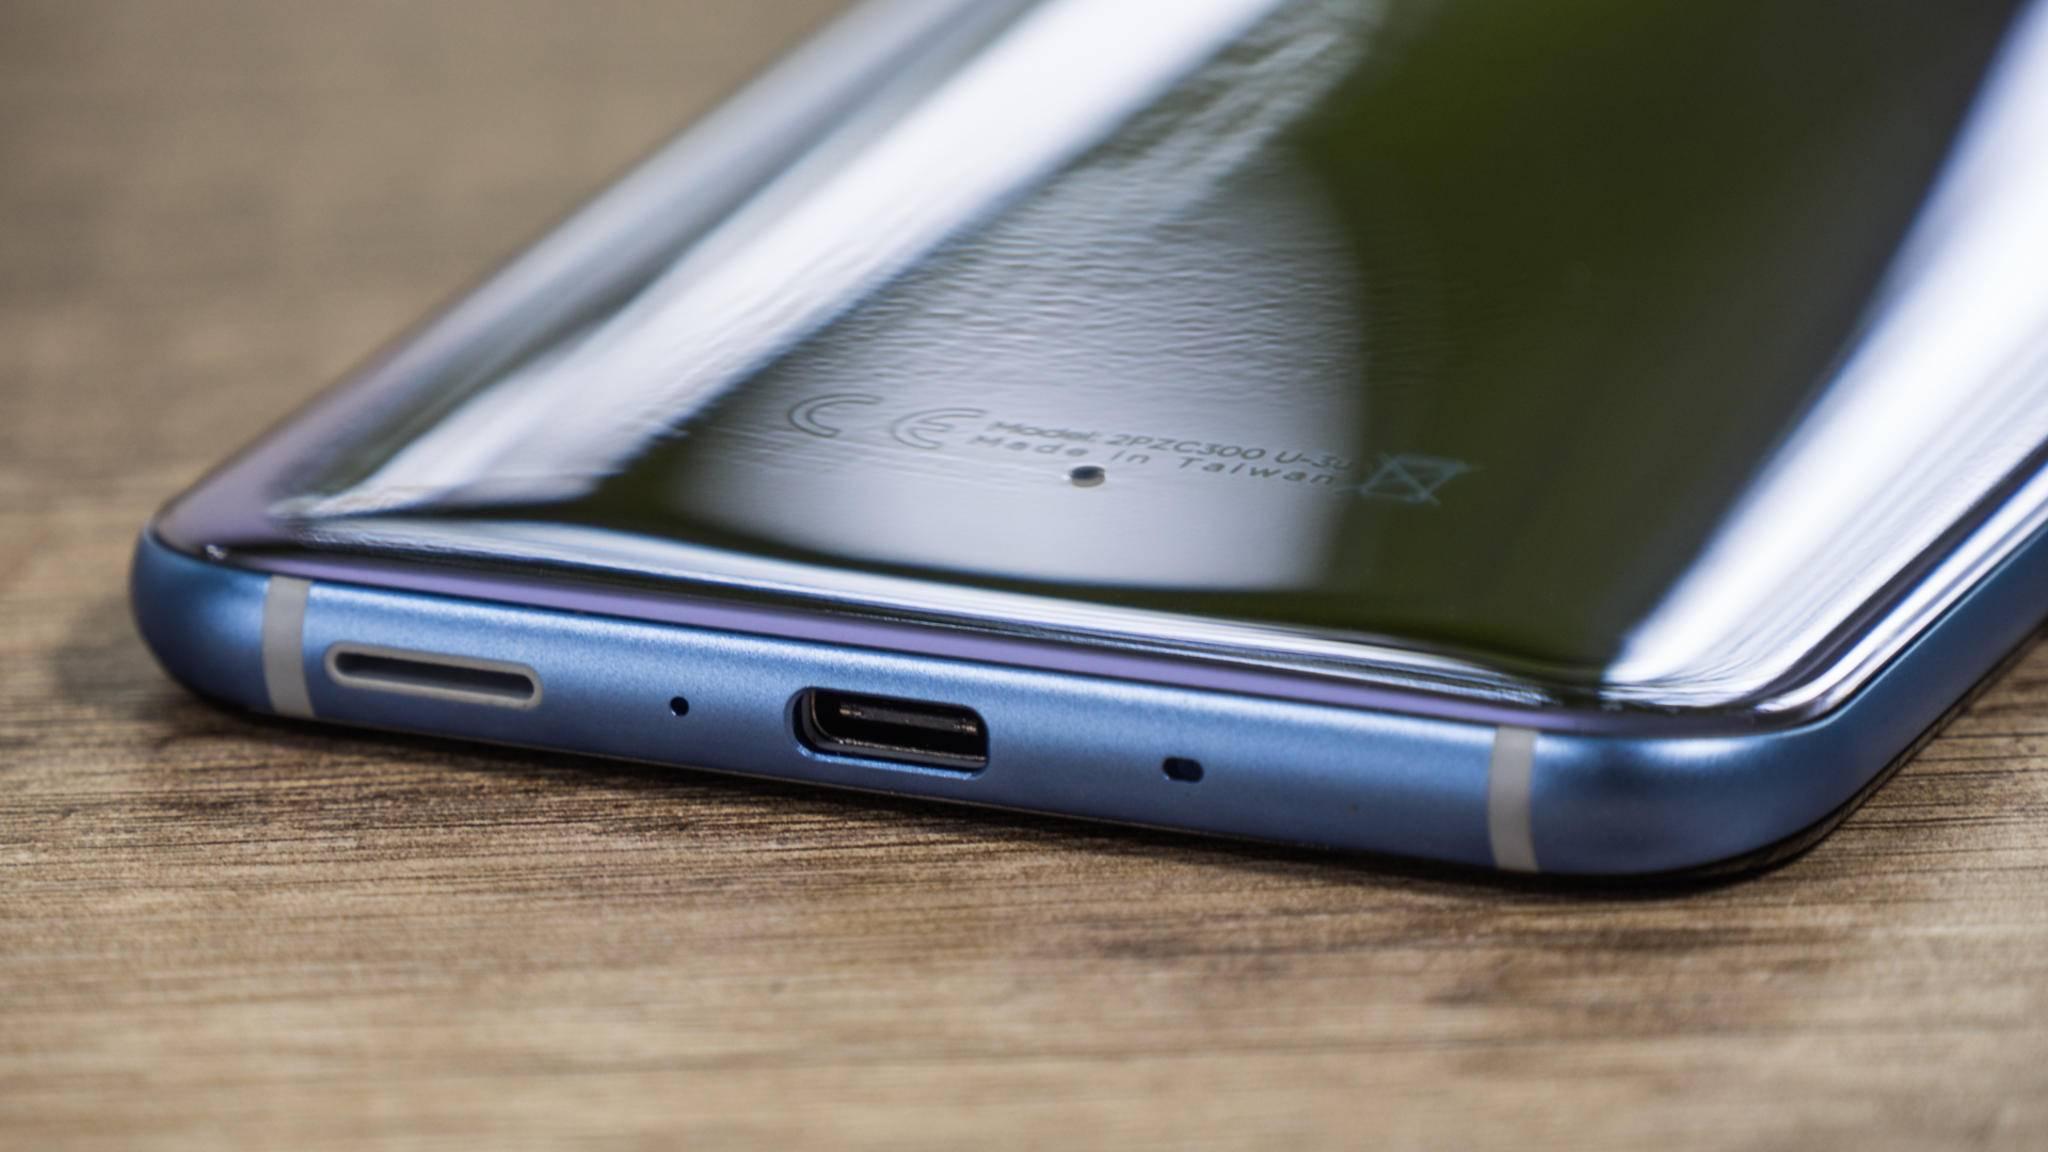 Das HTC U11 erlaubt schnellladen via Quick Charge 3.0.